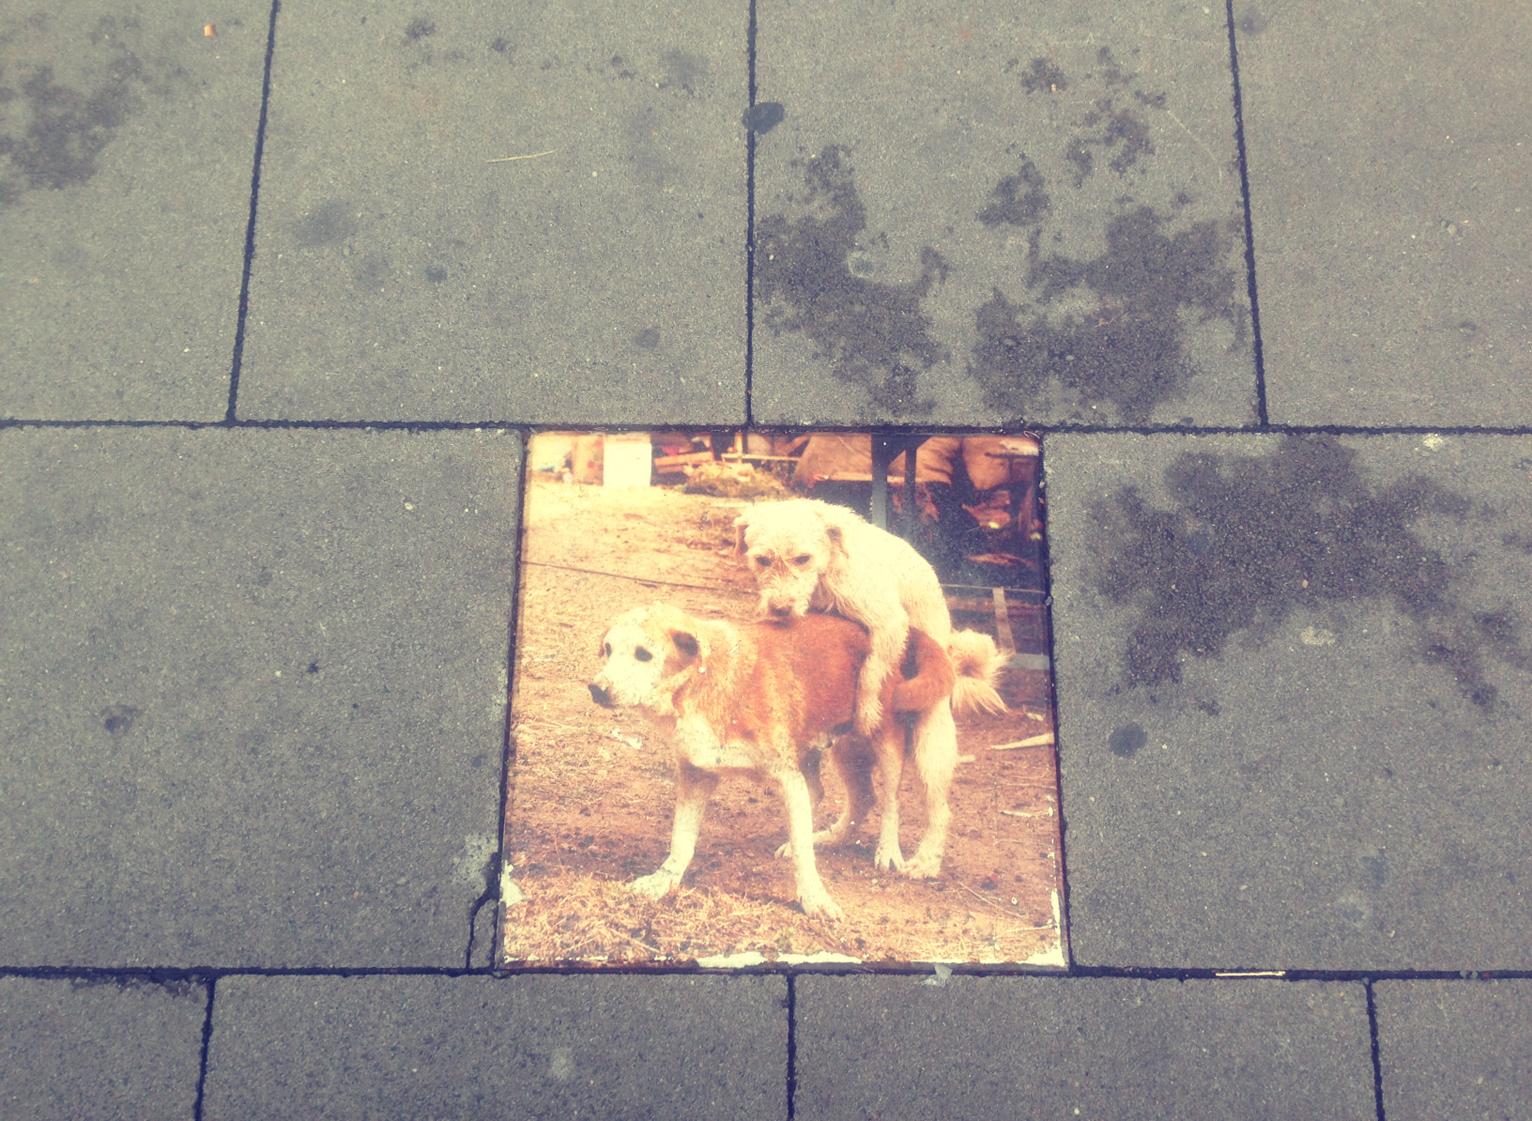 ...auf die schönen Kleinigkeiten in der Welt achten (zum Beispiel versteckte Streetart)